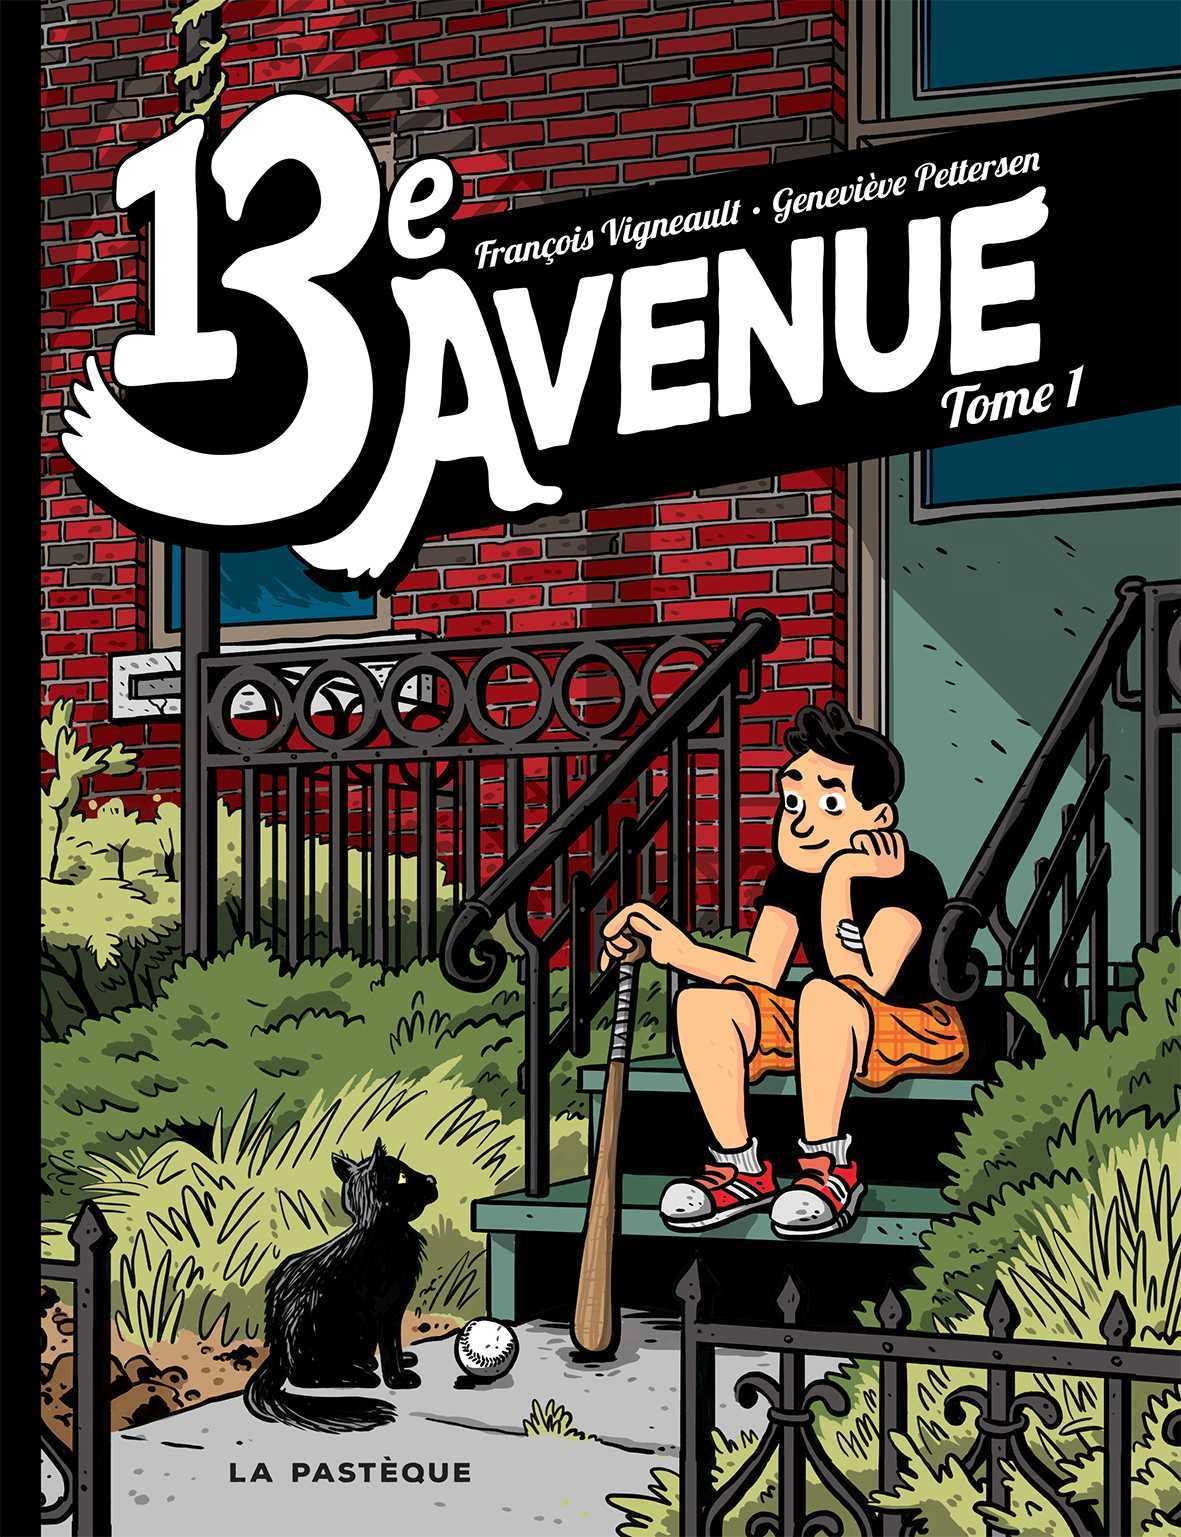 13e Avenue, fantôme compris